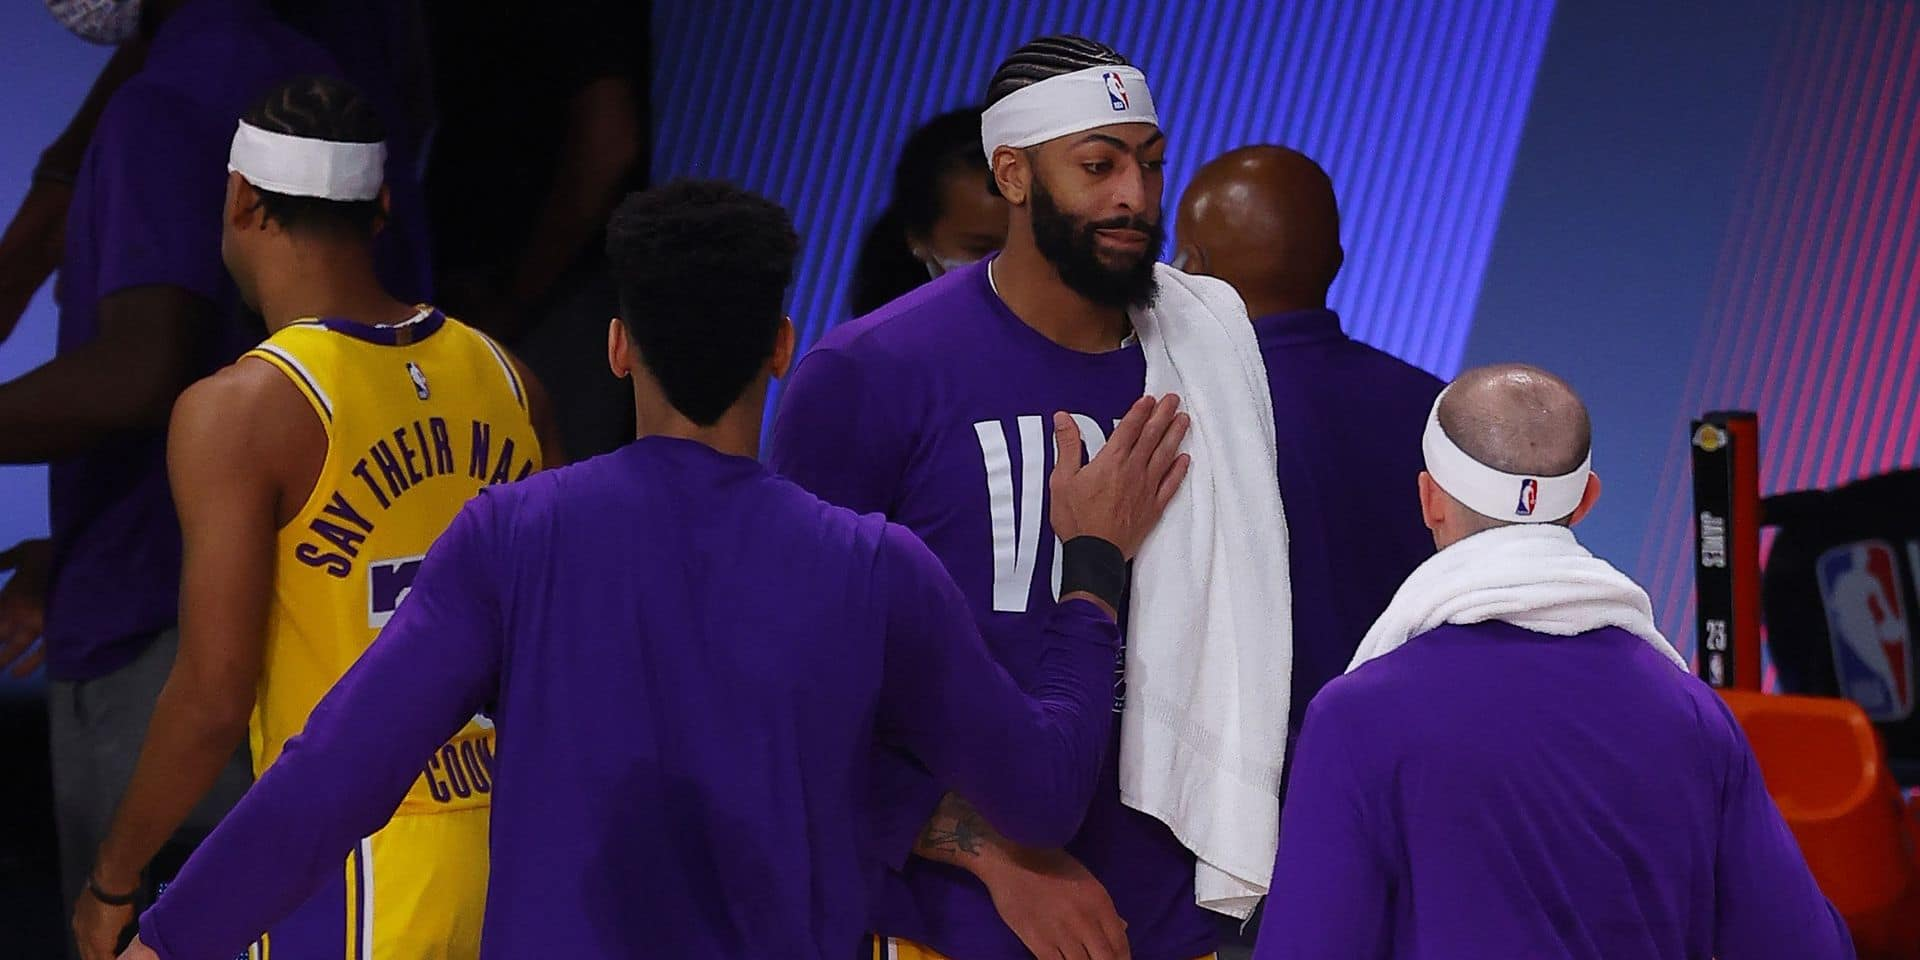 Les Lakers doublent la mise grâce à un buzzer beater d'Anthony Davis contre Denver en finale de la Conférence Ouest (VIDEO)